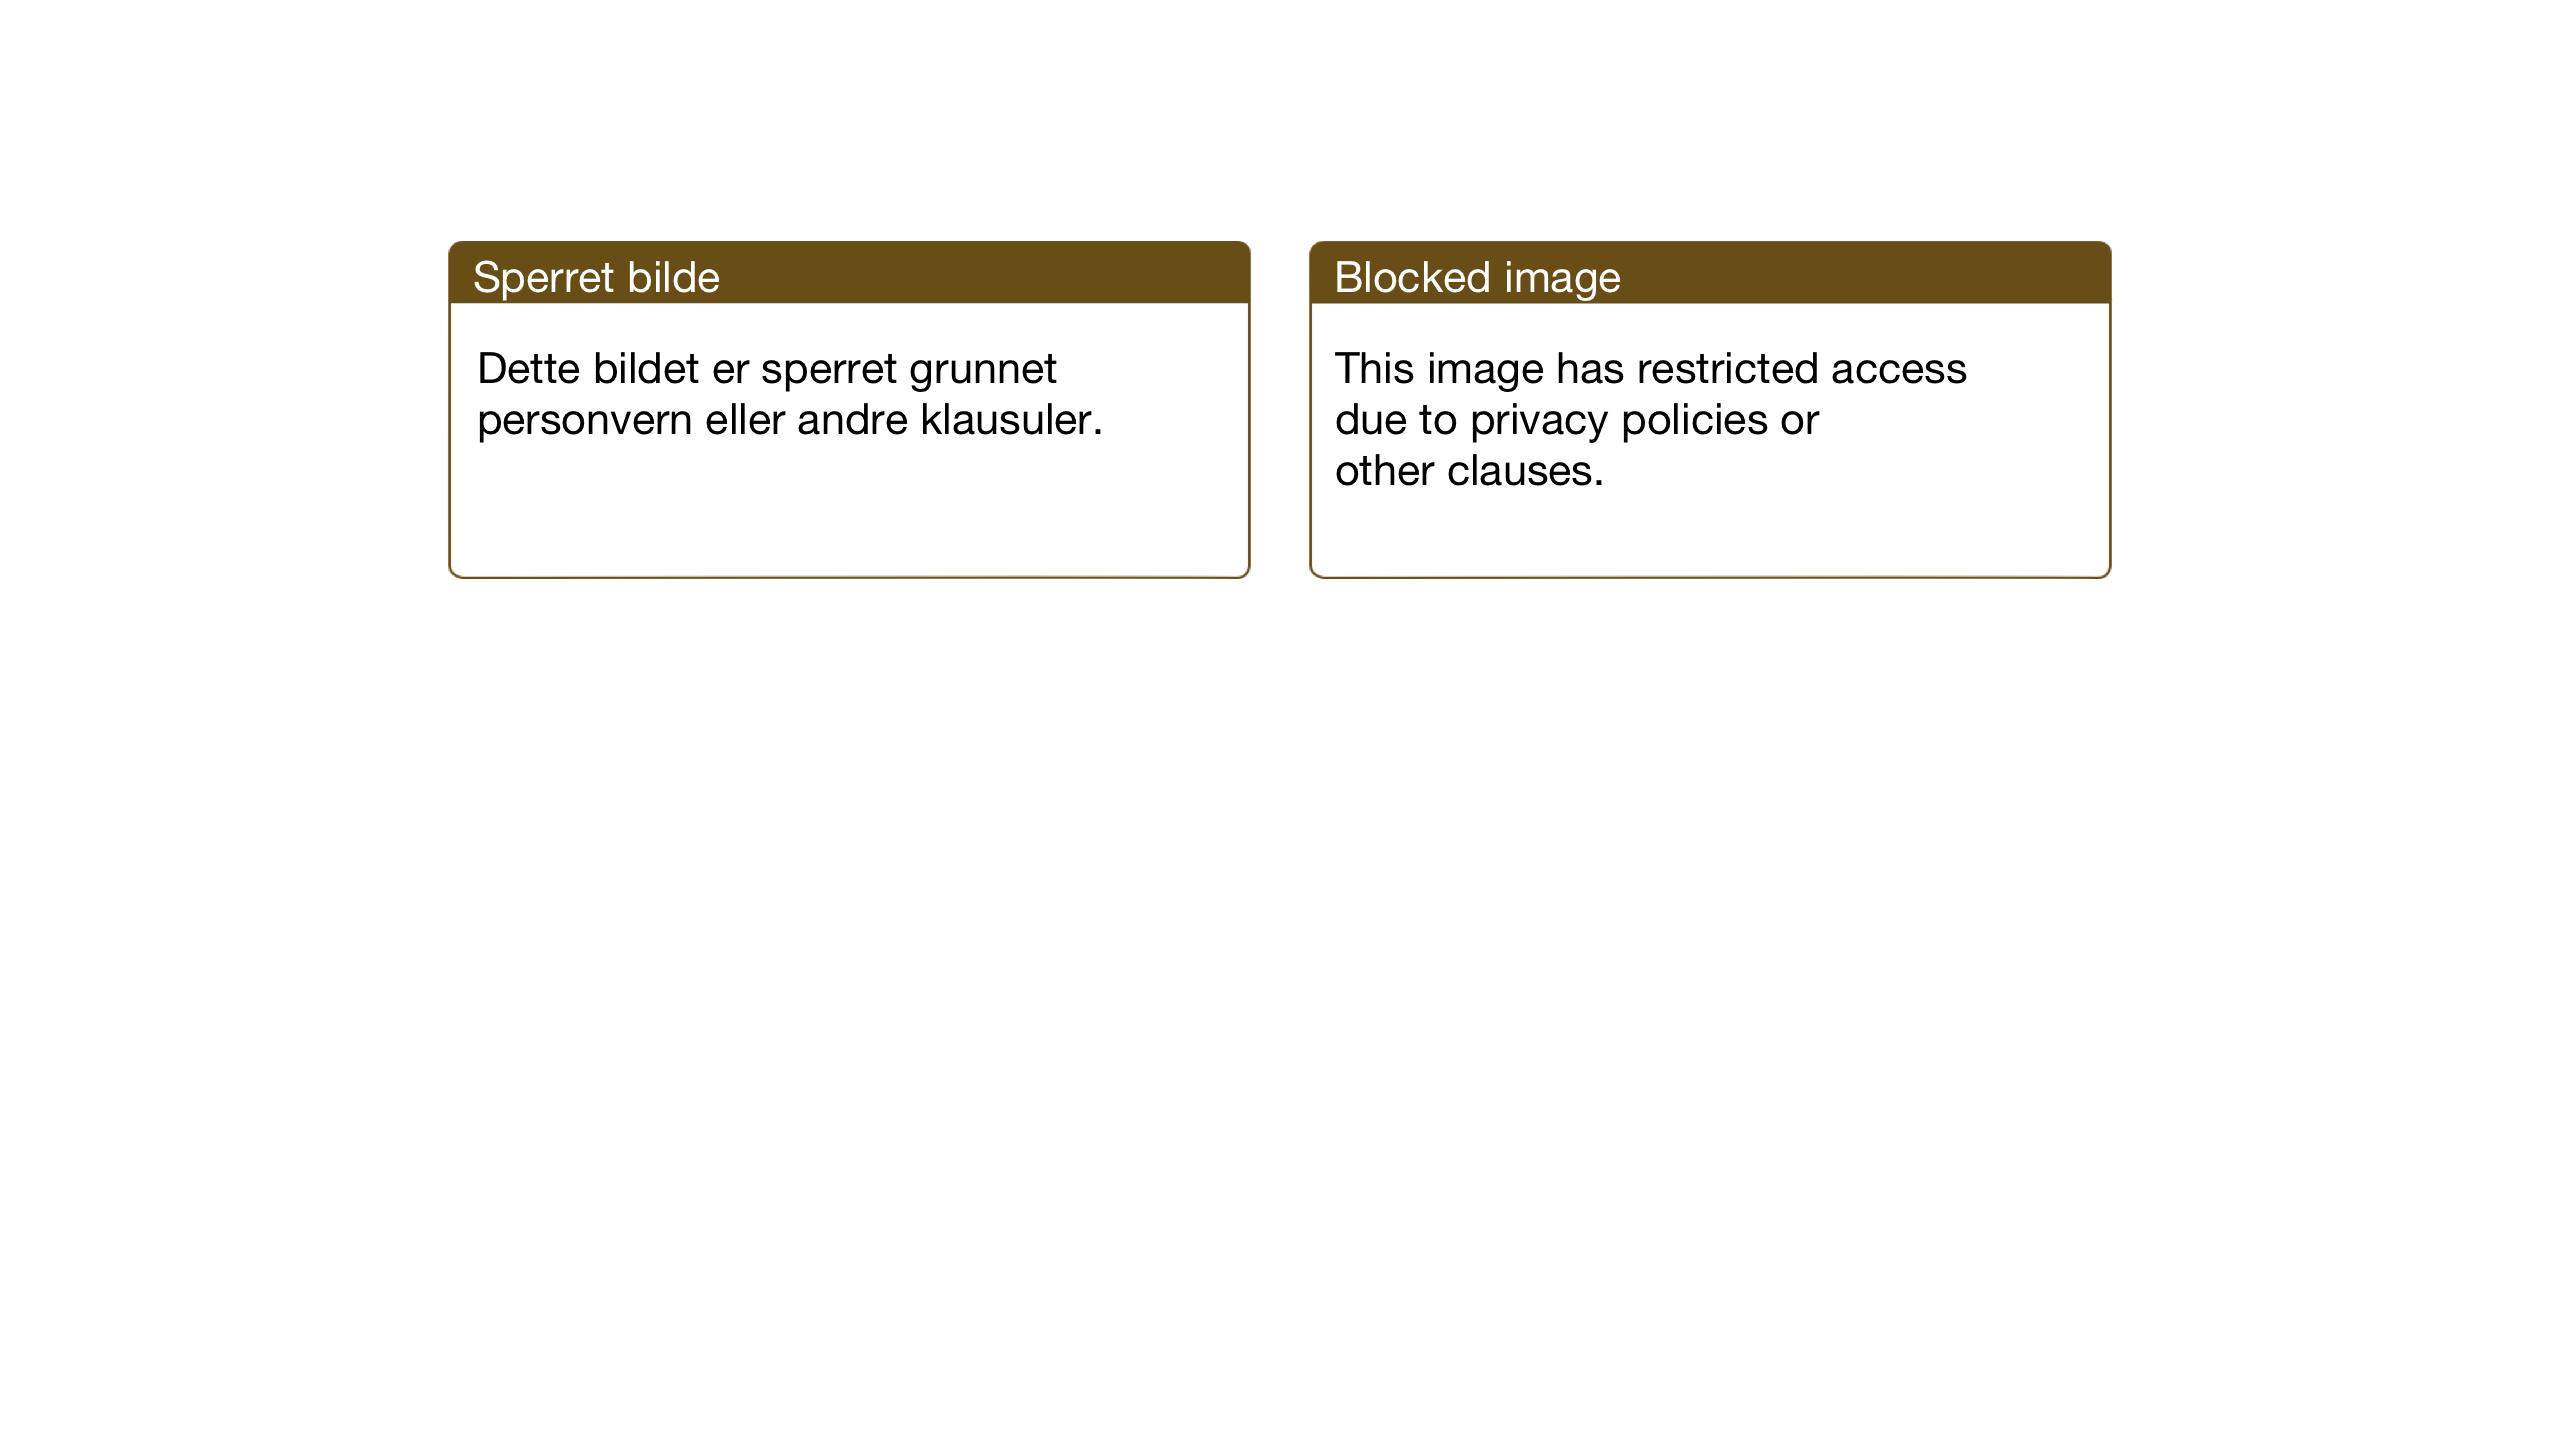 SAT, Ministerialprotokoller, klokkerbøker og fødselsregistre - Nord-Trøndelag, 739/L0377: Klokkerbok nr. 739C05, 1940-1947, s. 12